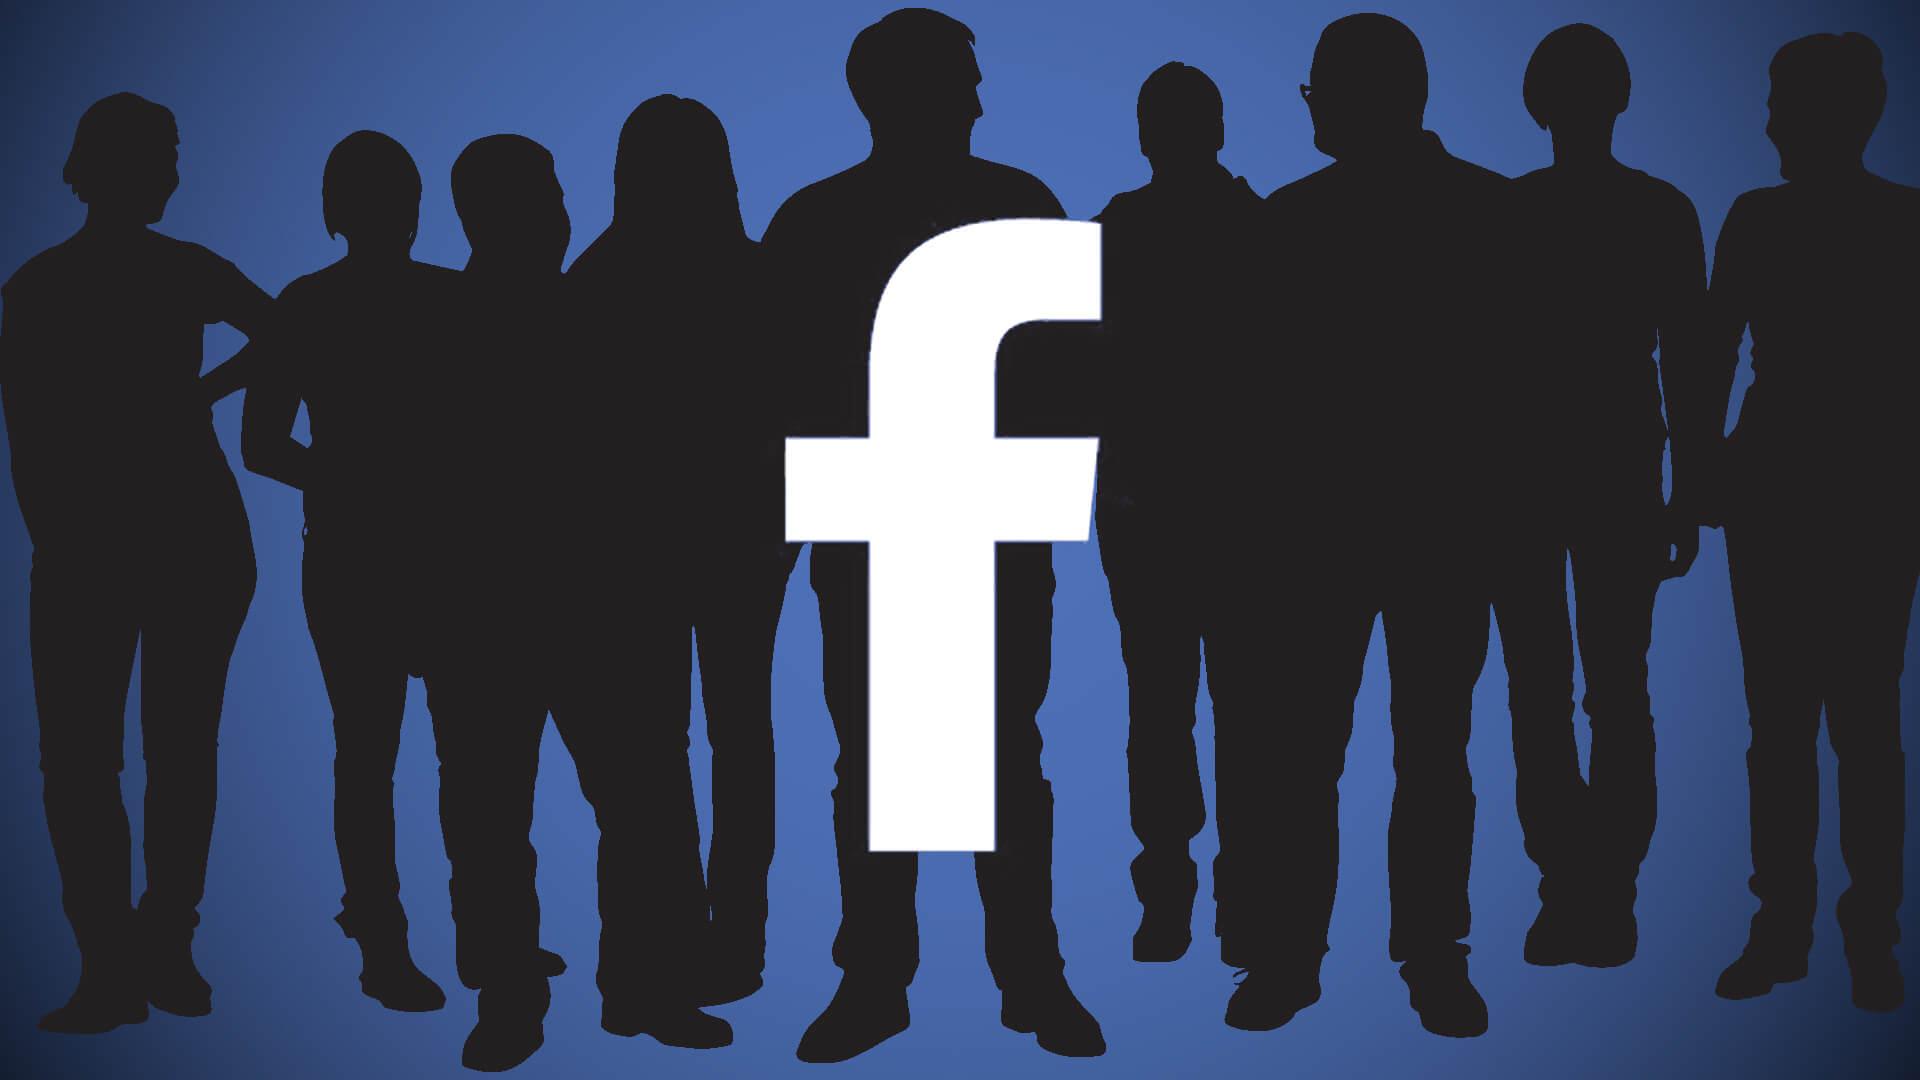 L'augmentation massive de l'utilisation de Facebook se transformera-t-elle (éventuellement) en revenus?